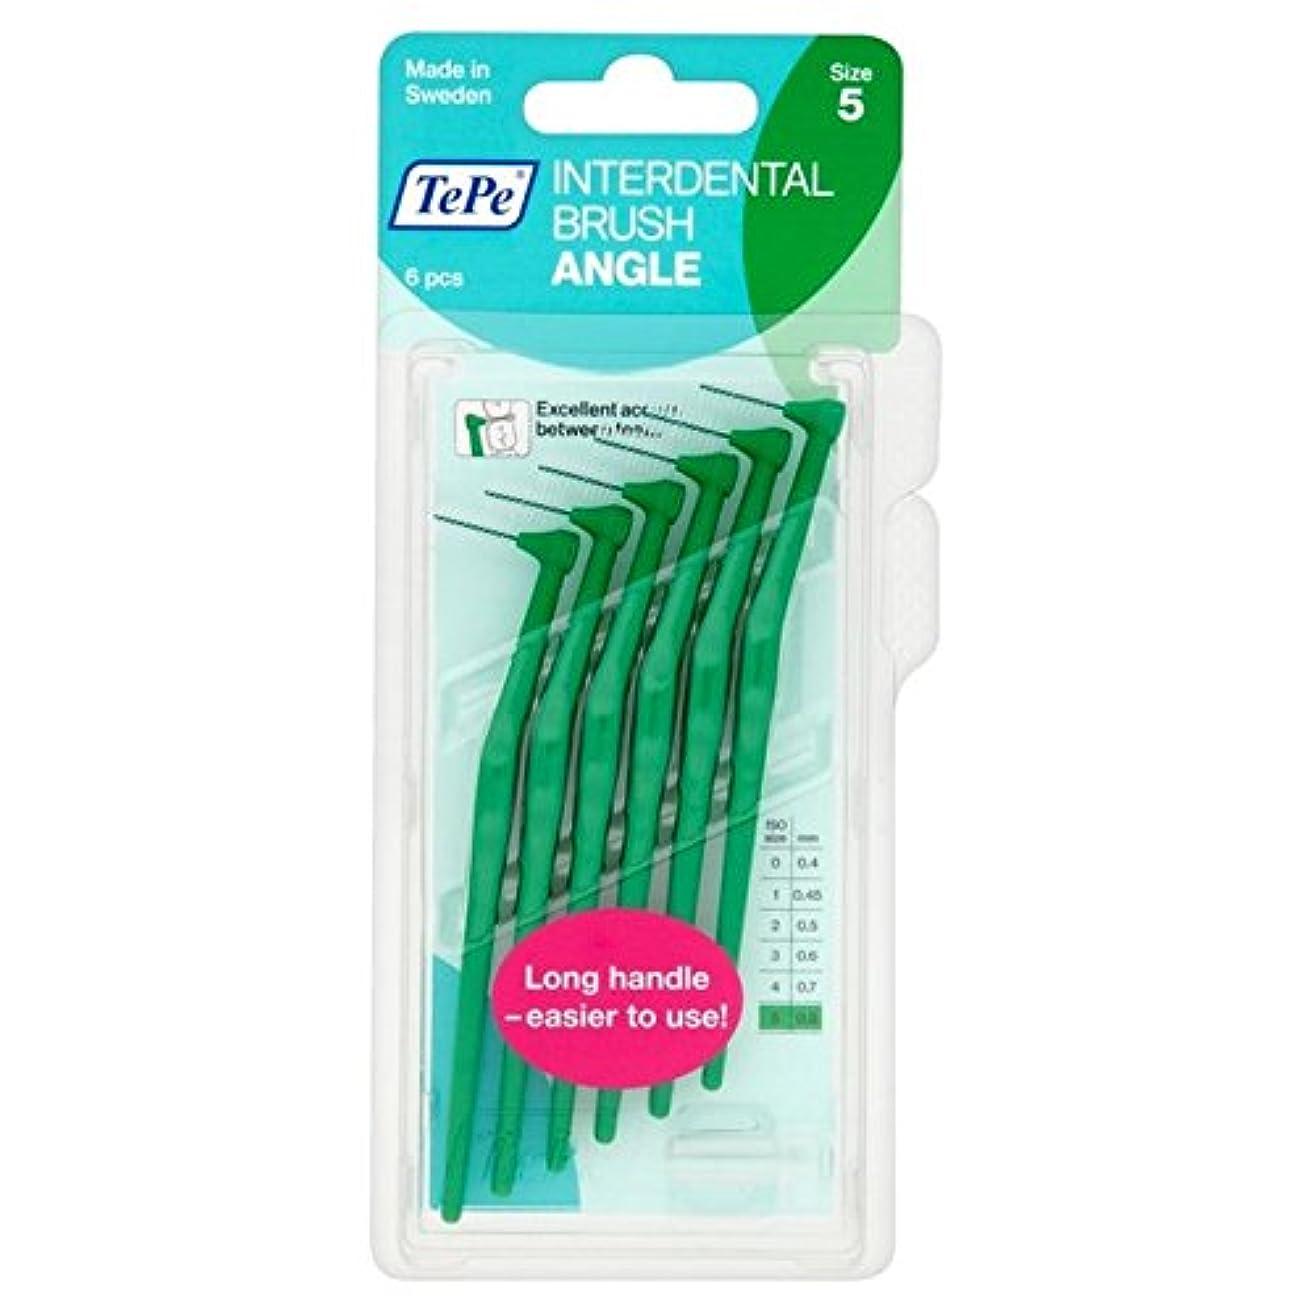 レパートリーチャーミング費やすパックあたり6 0.8ミリメートル緑テペ角度 x2 - TePe Angle Green 0.8mm 6 per pack (Pack of 2) [並行輸入品]